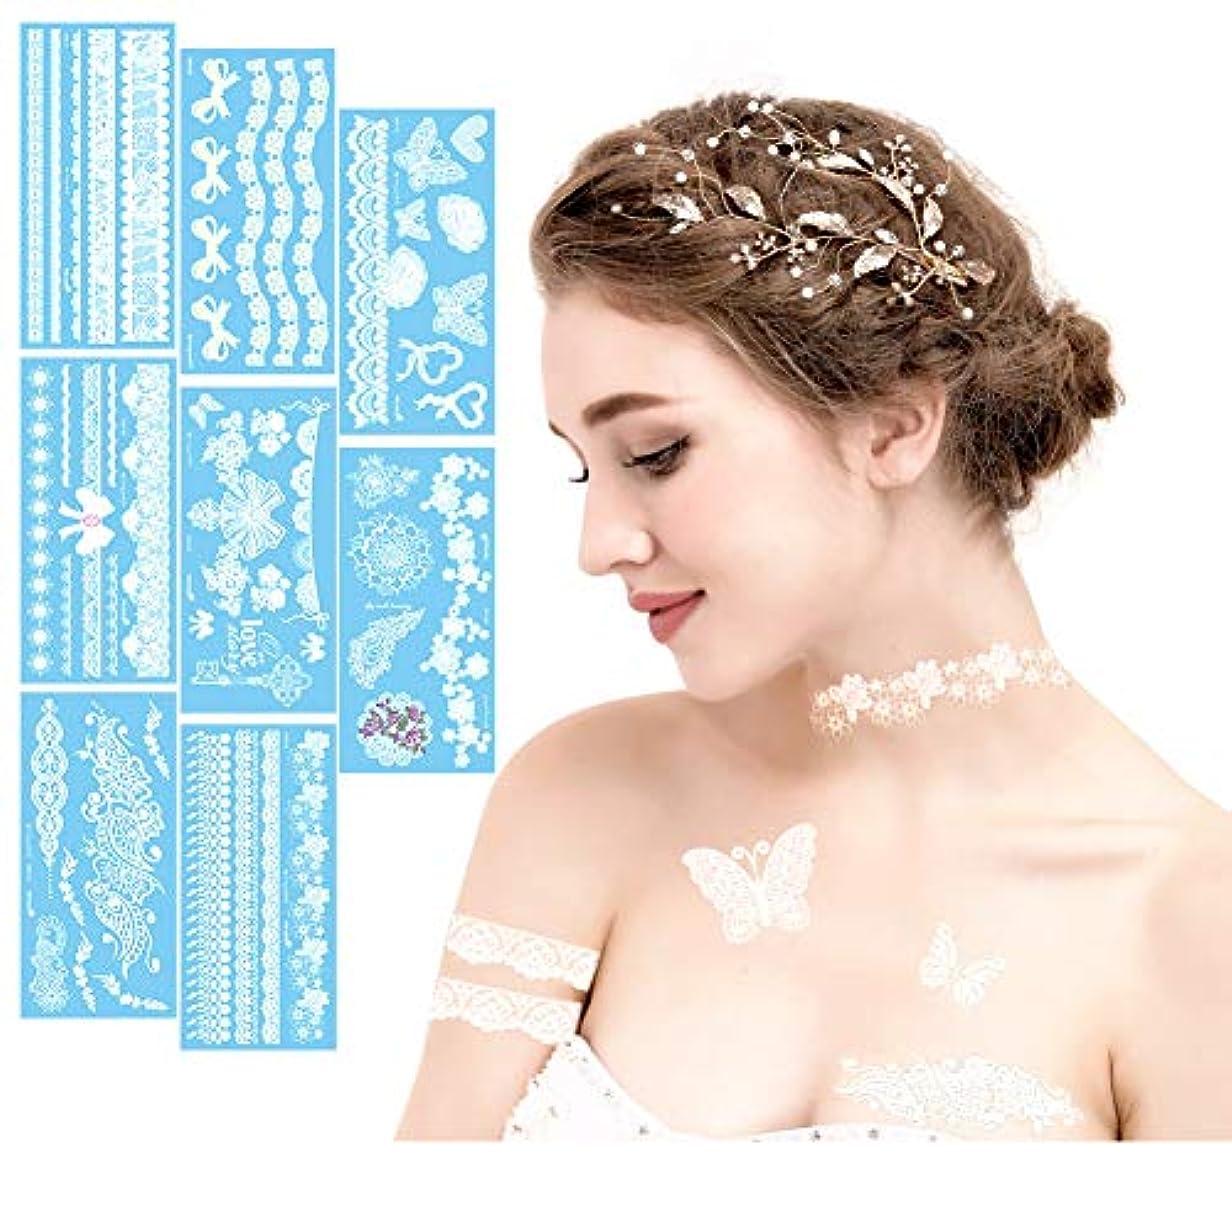 観察するピカソピーブタトゥーシール 女性用 白いレース 8枚 ファッション 一時的な入れ墨 セクシー 結婚式、旅行、パーティー、コスプレ用に TATTOO 誕生日プレゼント高品质 長持ち